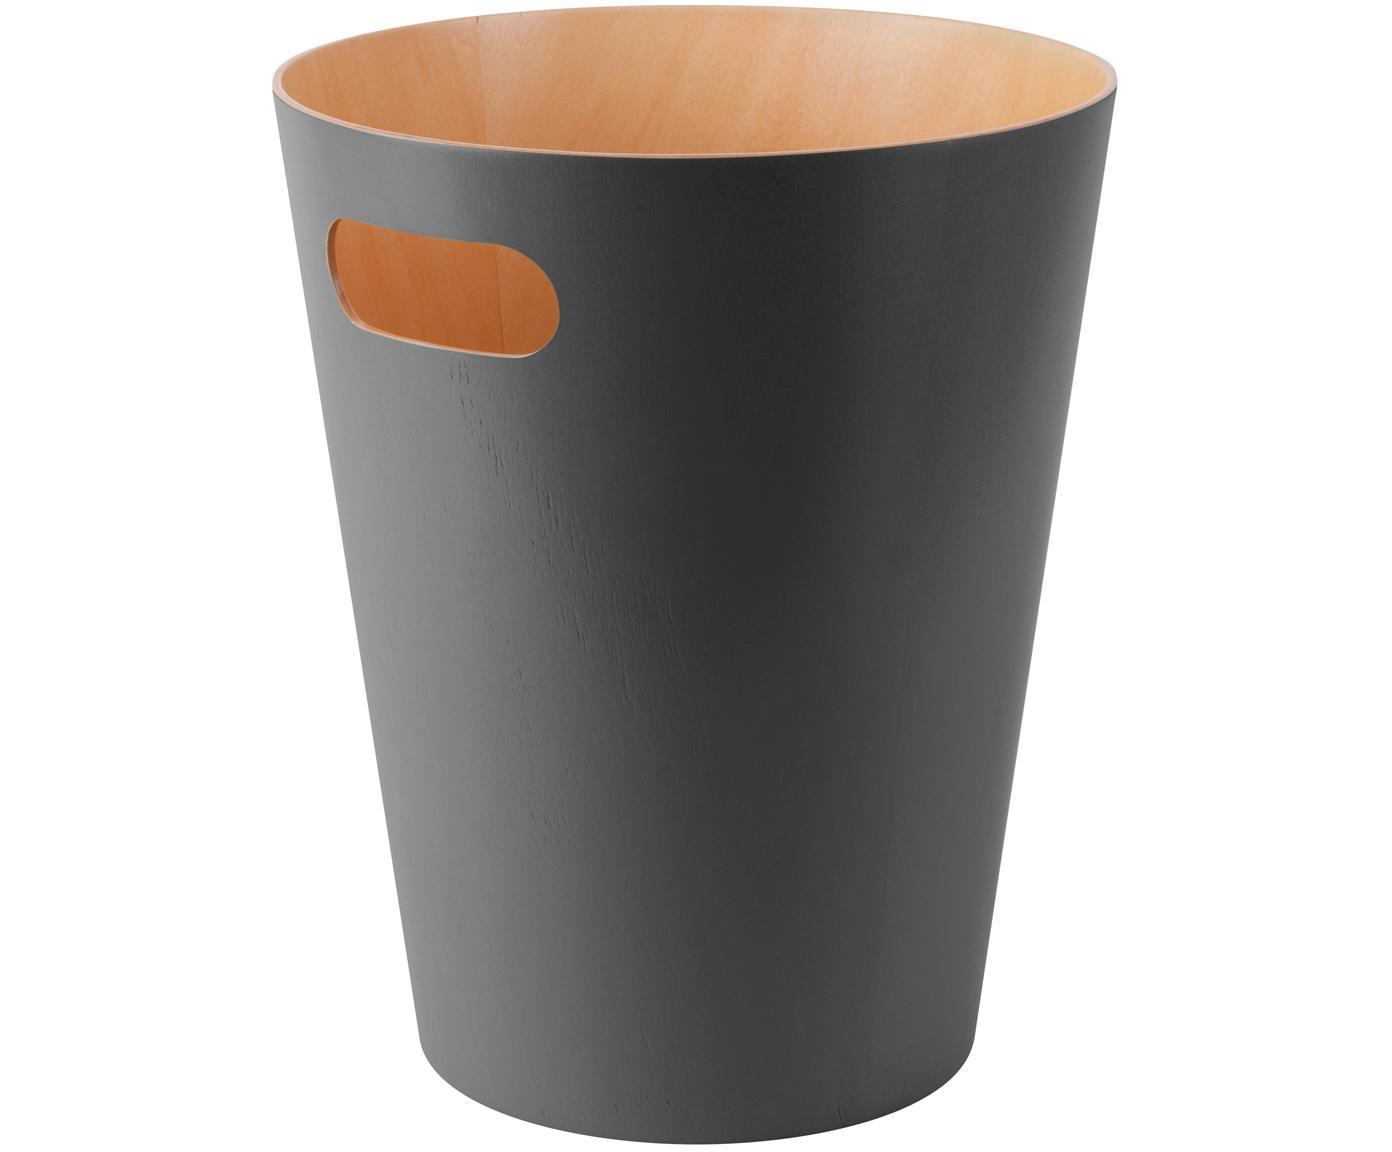 XS papiermand Woodrow Can, Gelakt hout, Antraciet, Ø 23 x H 28 cm